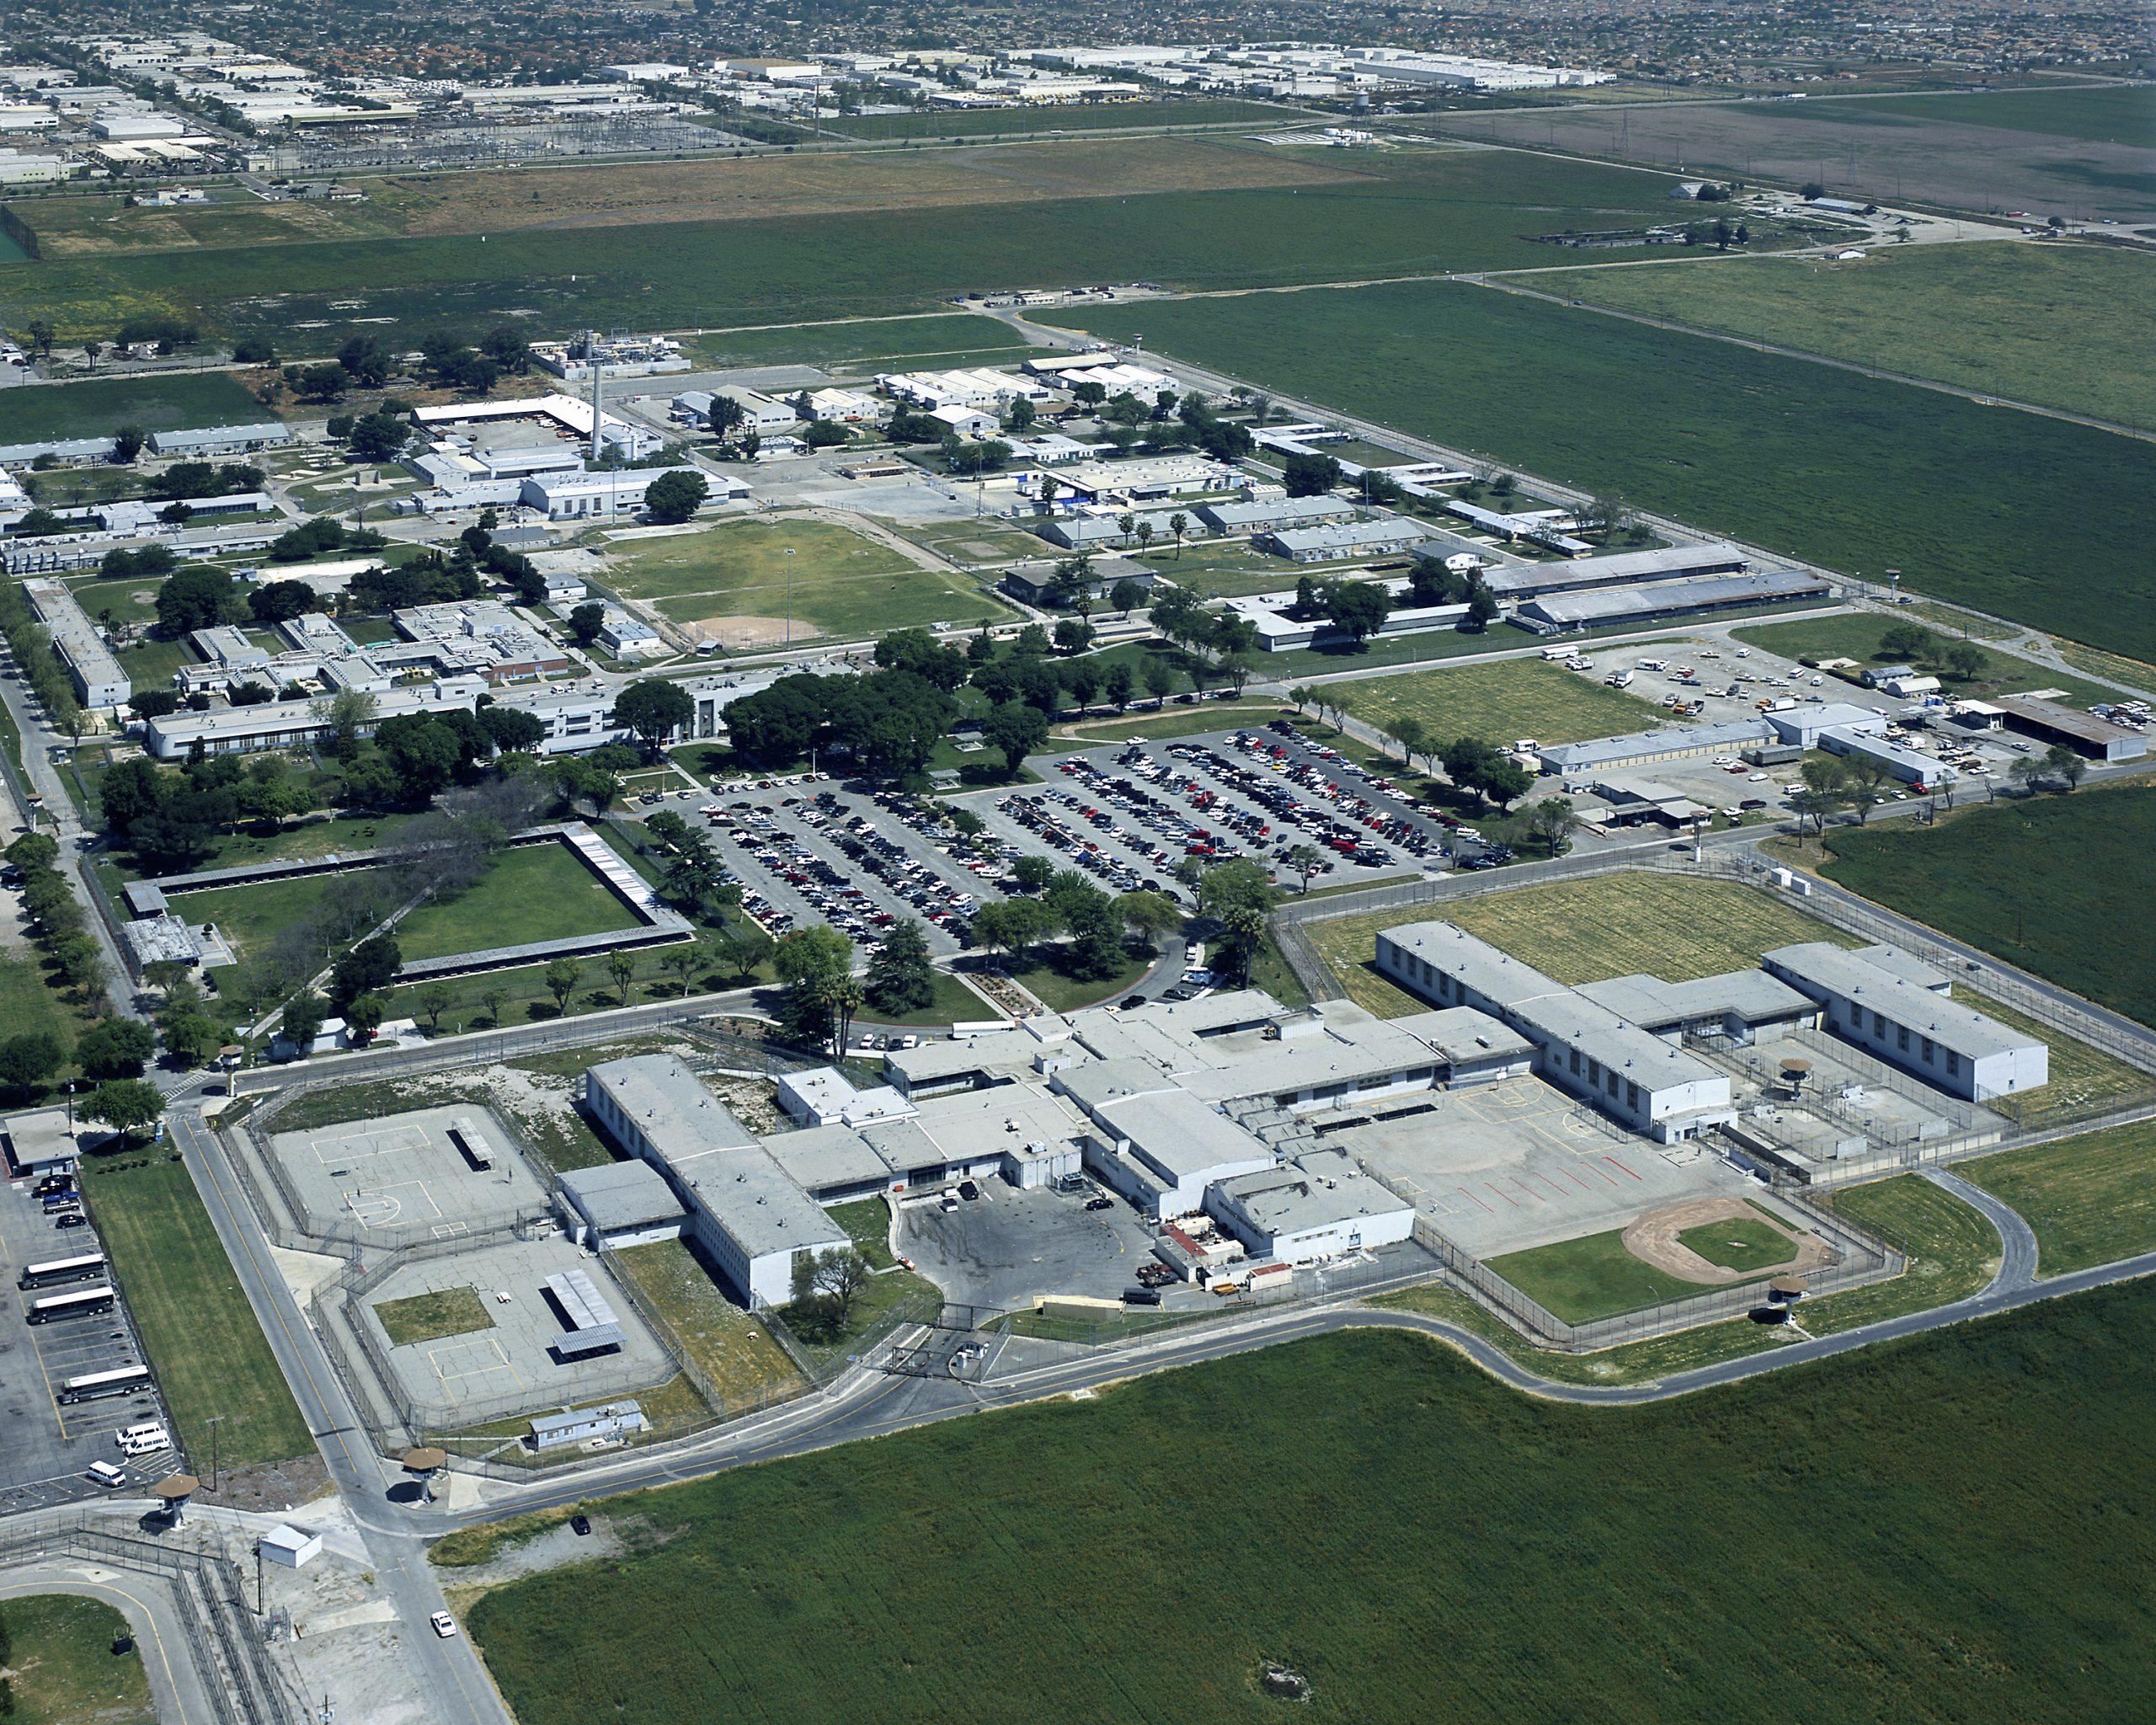 California Institution for Men aerial view.